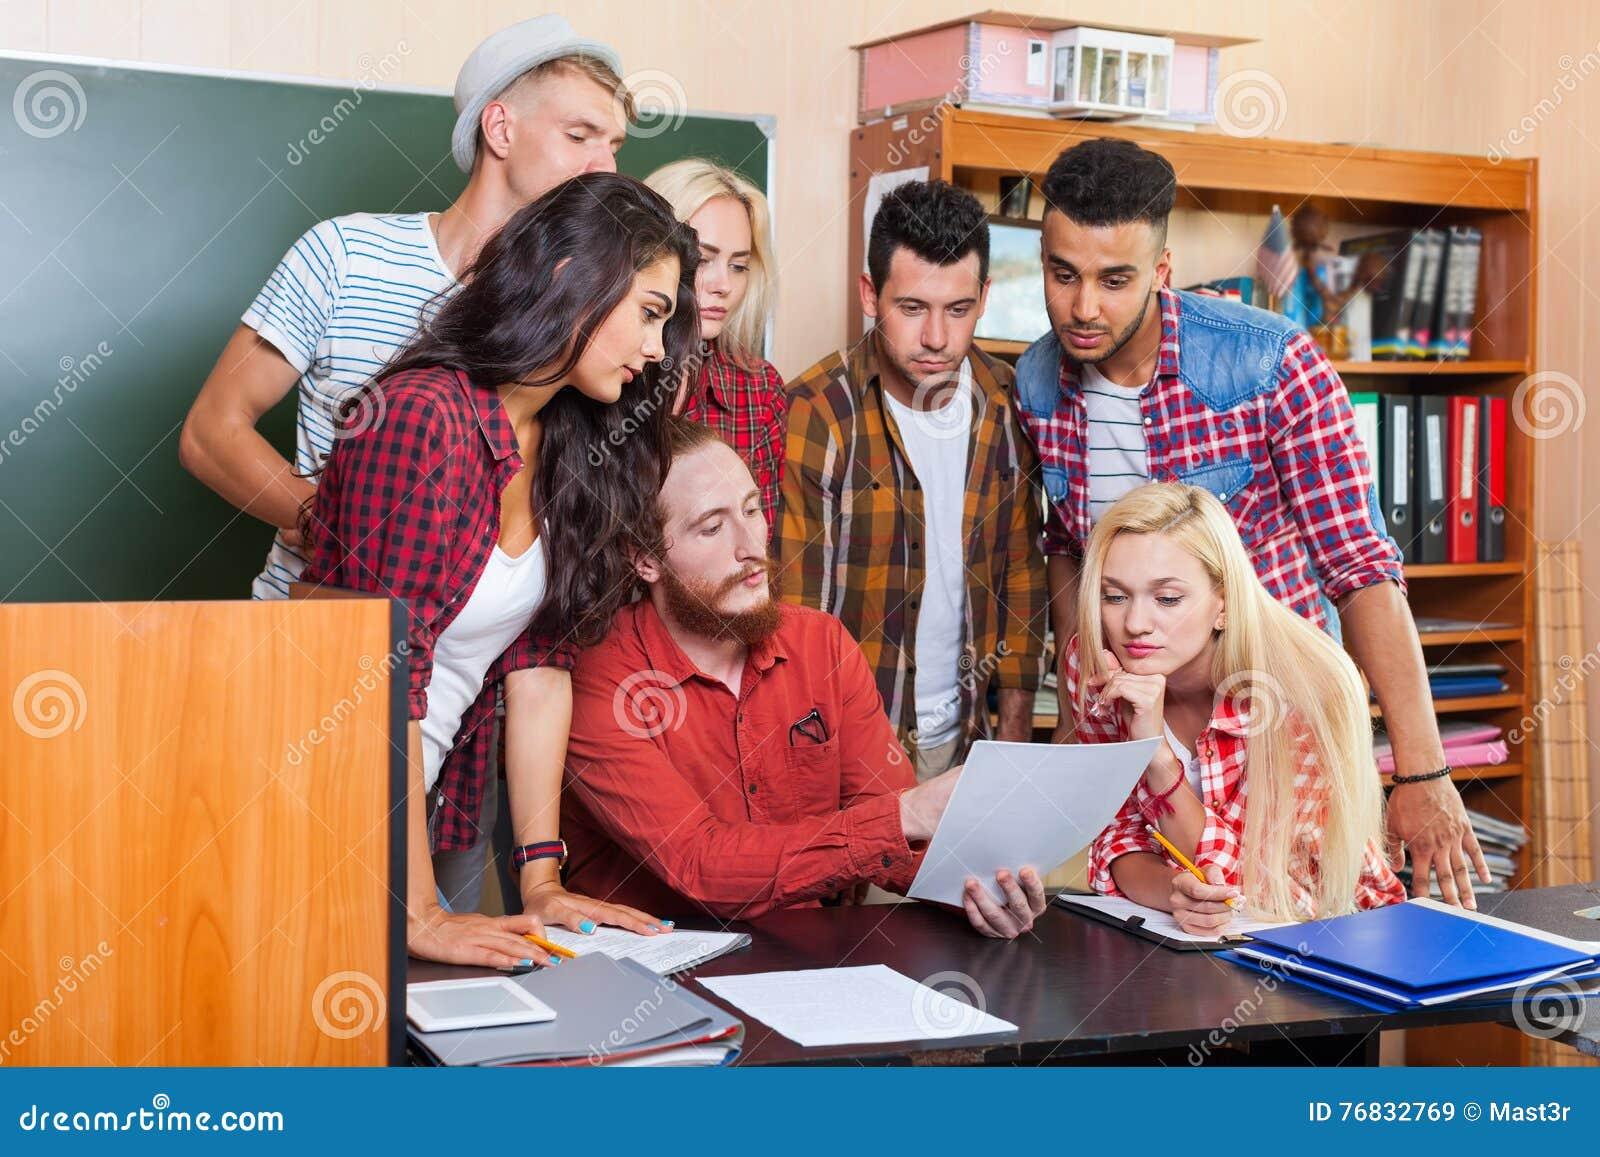 Student High School Group die Document Document met Professor Sitting At Desk, Jongerenleraar Discuss bekijken